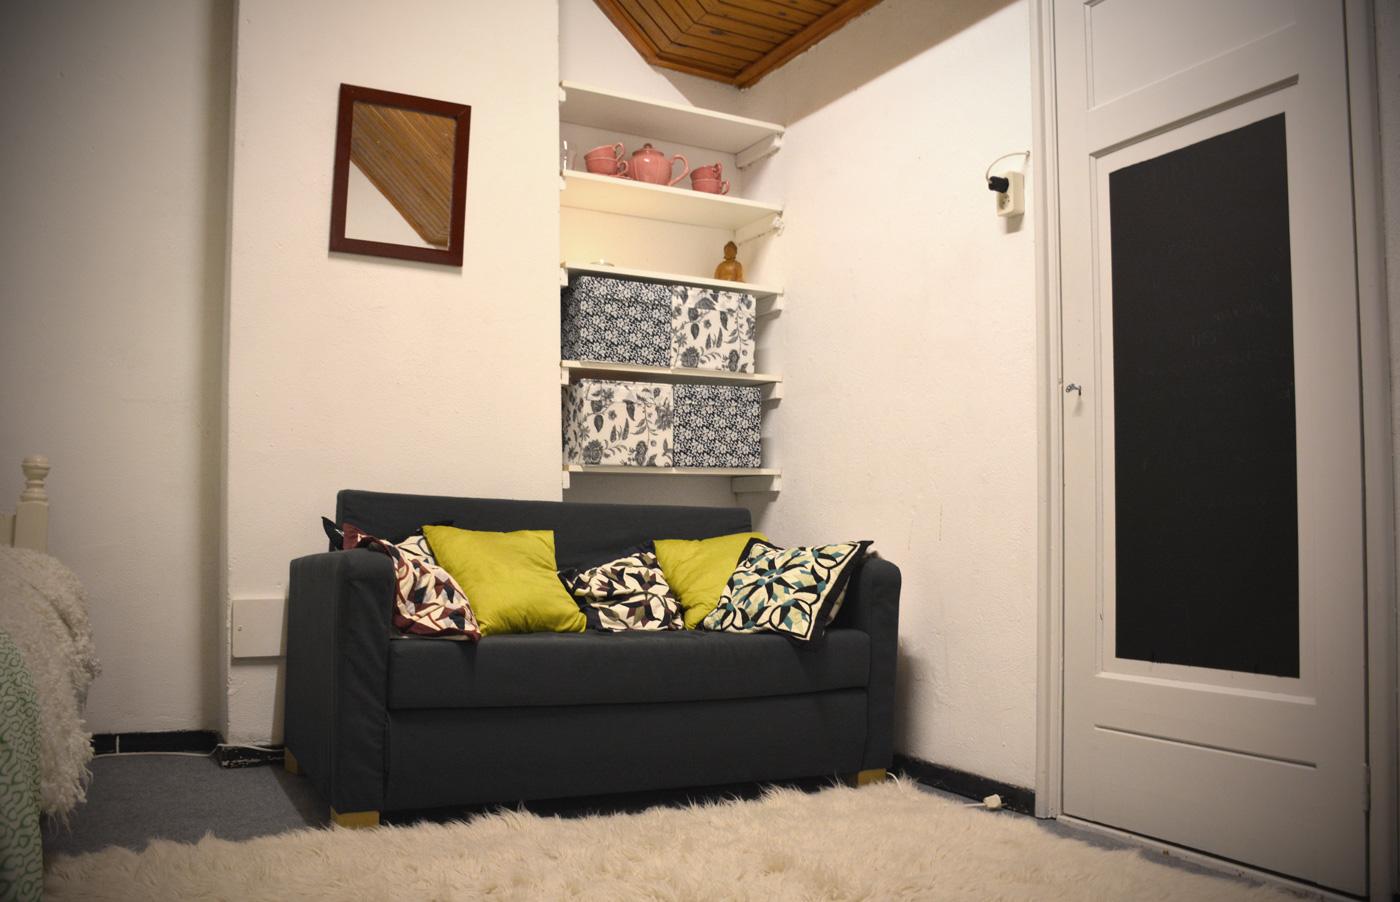 Slaapkamer Bank Maken : Slaapkamer bank maken beste ideen over huis en interieur